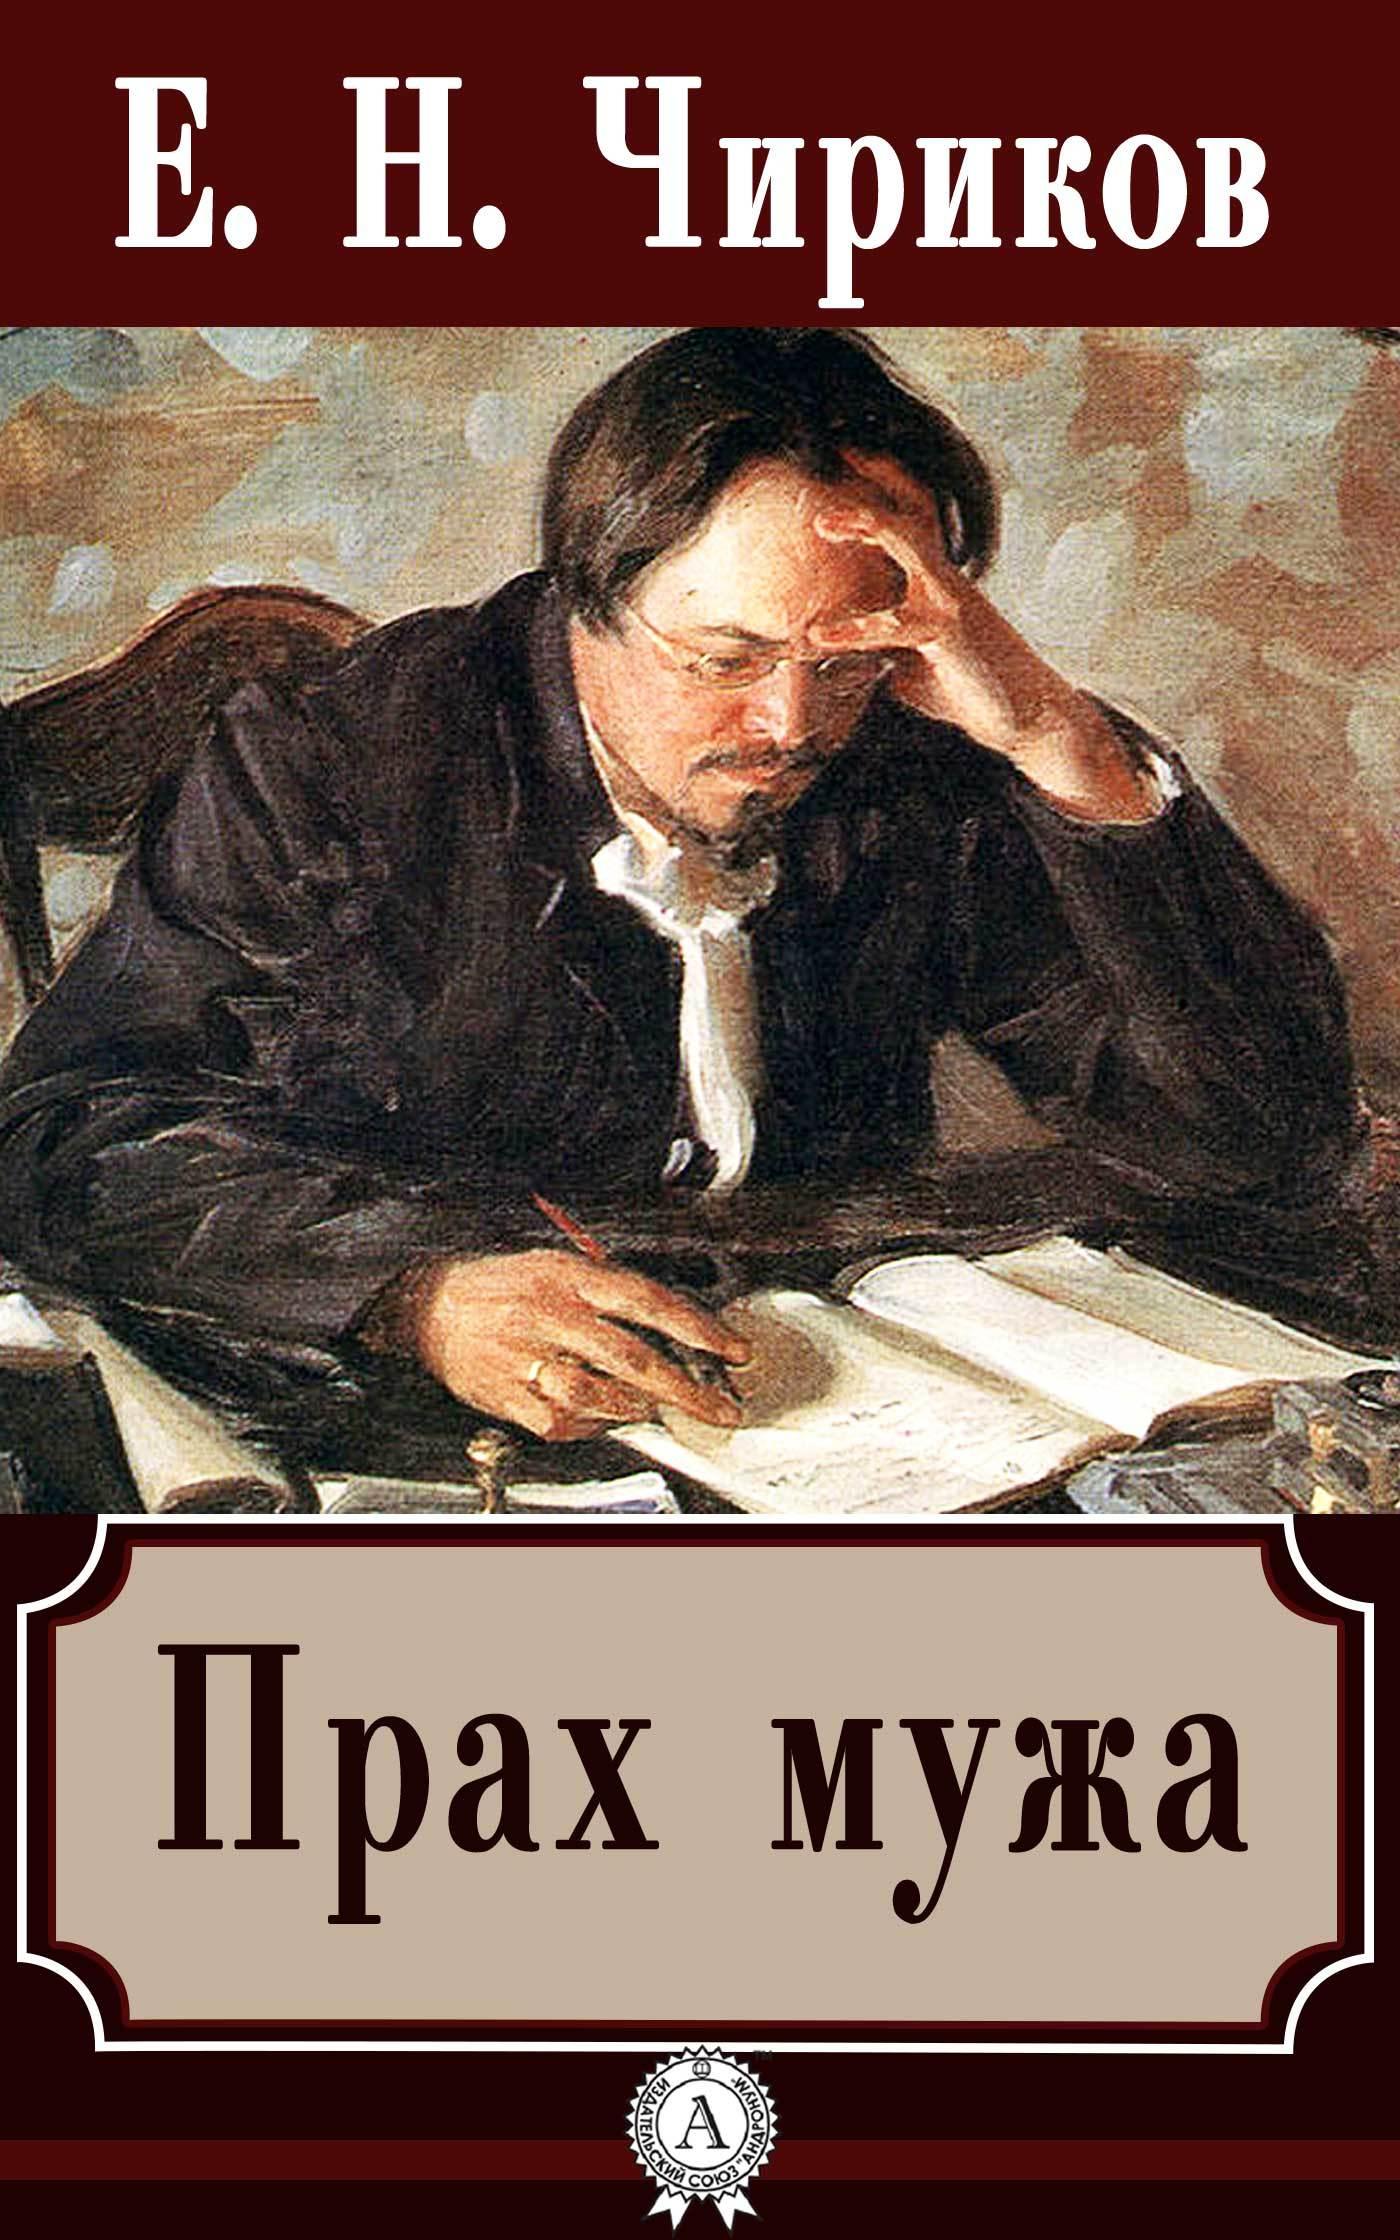 Е. Н. Чириков Прах мужа брусчатка в нижнем новгороде недалеко от аэропорта